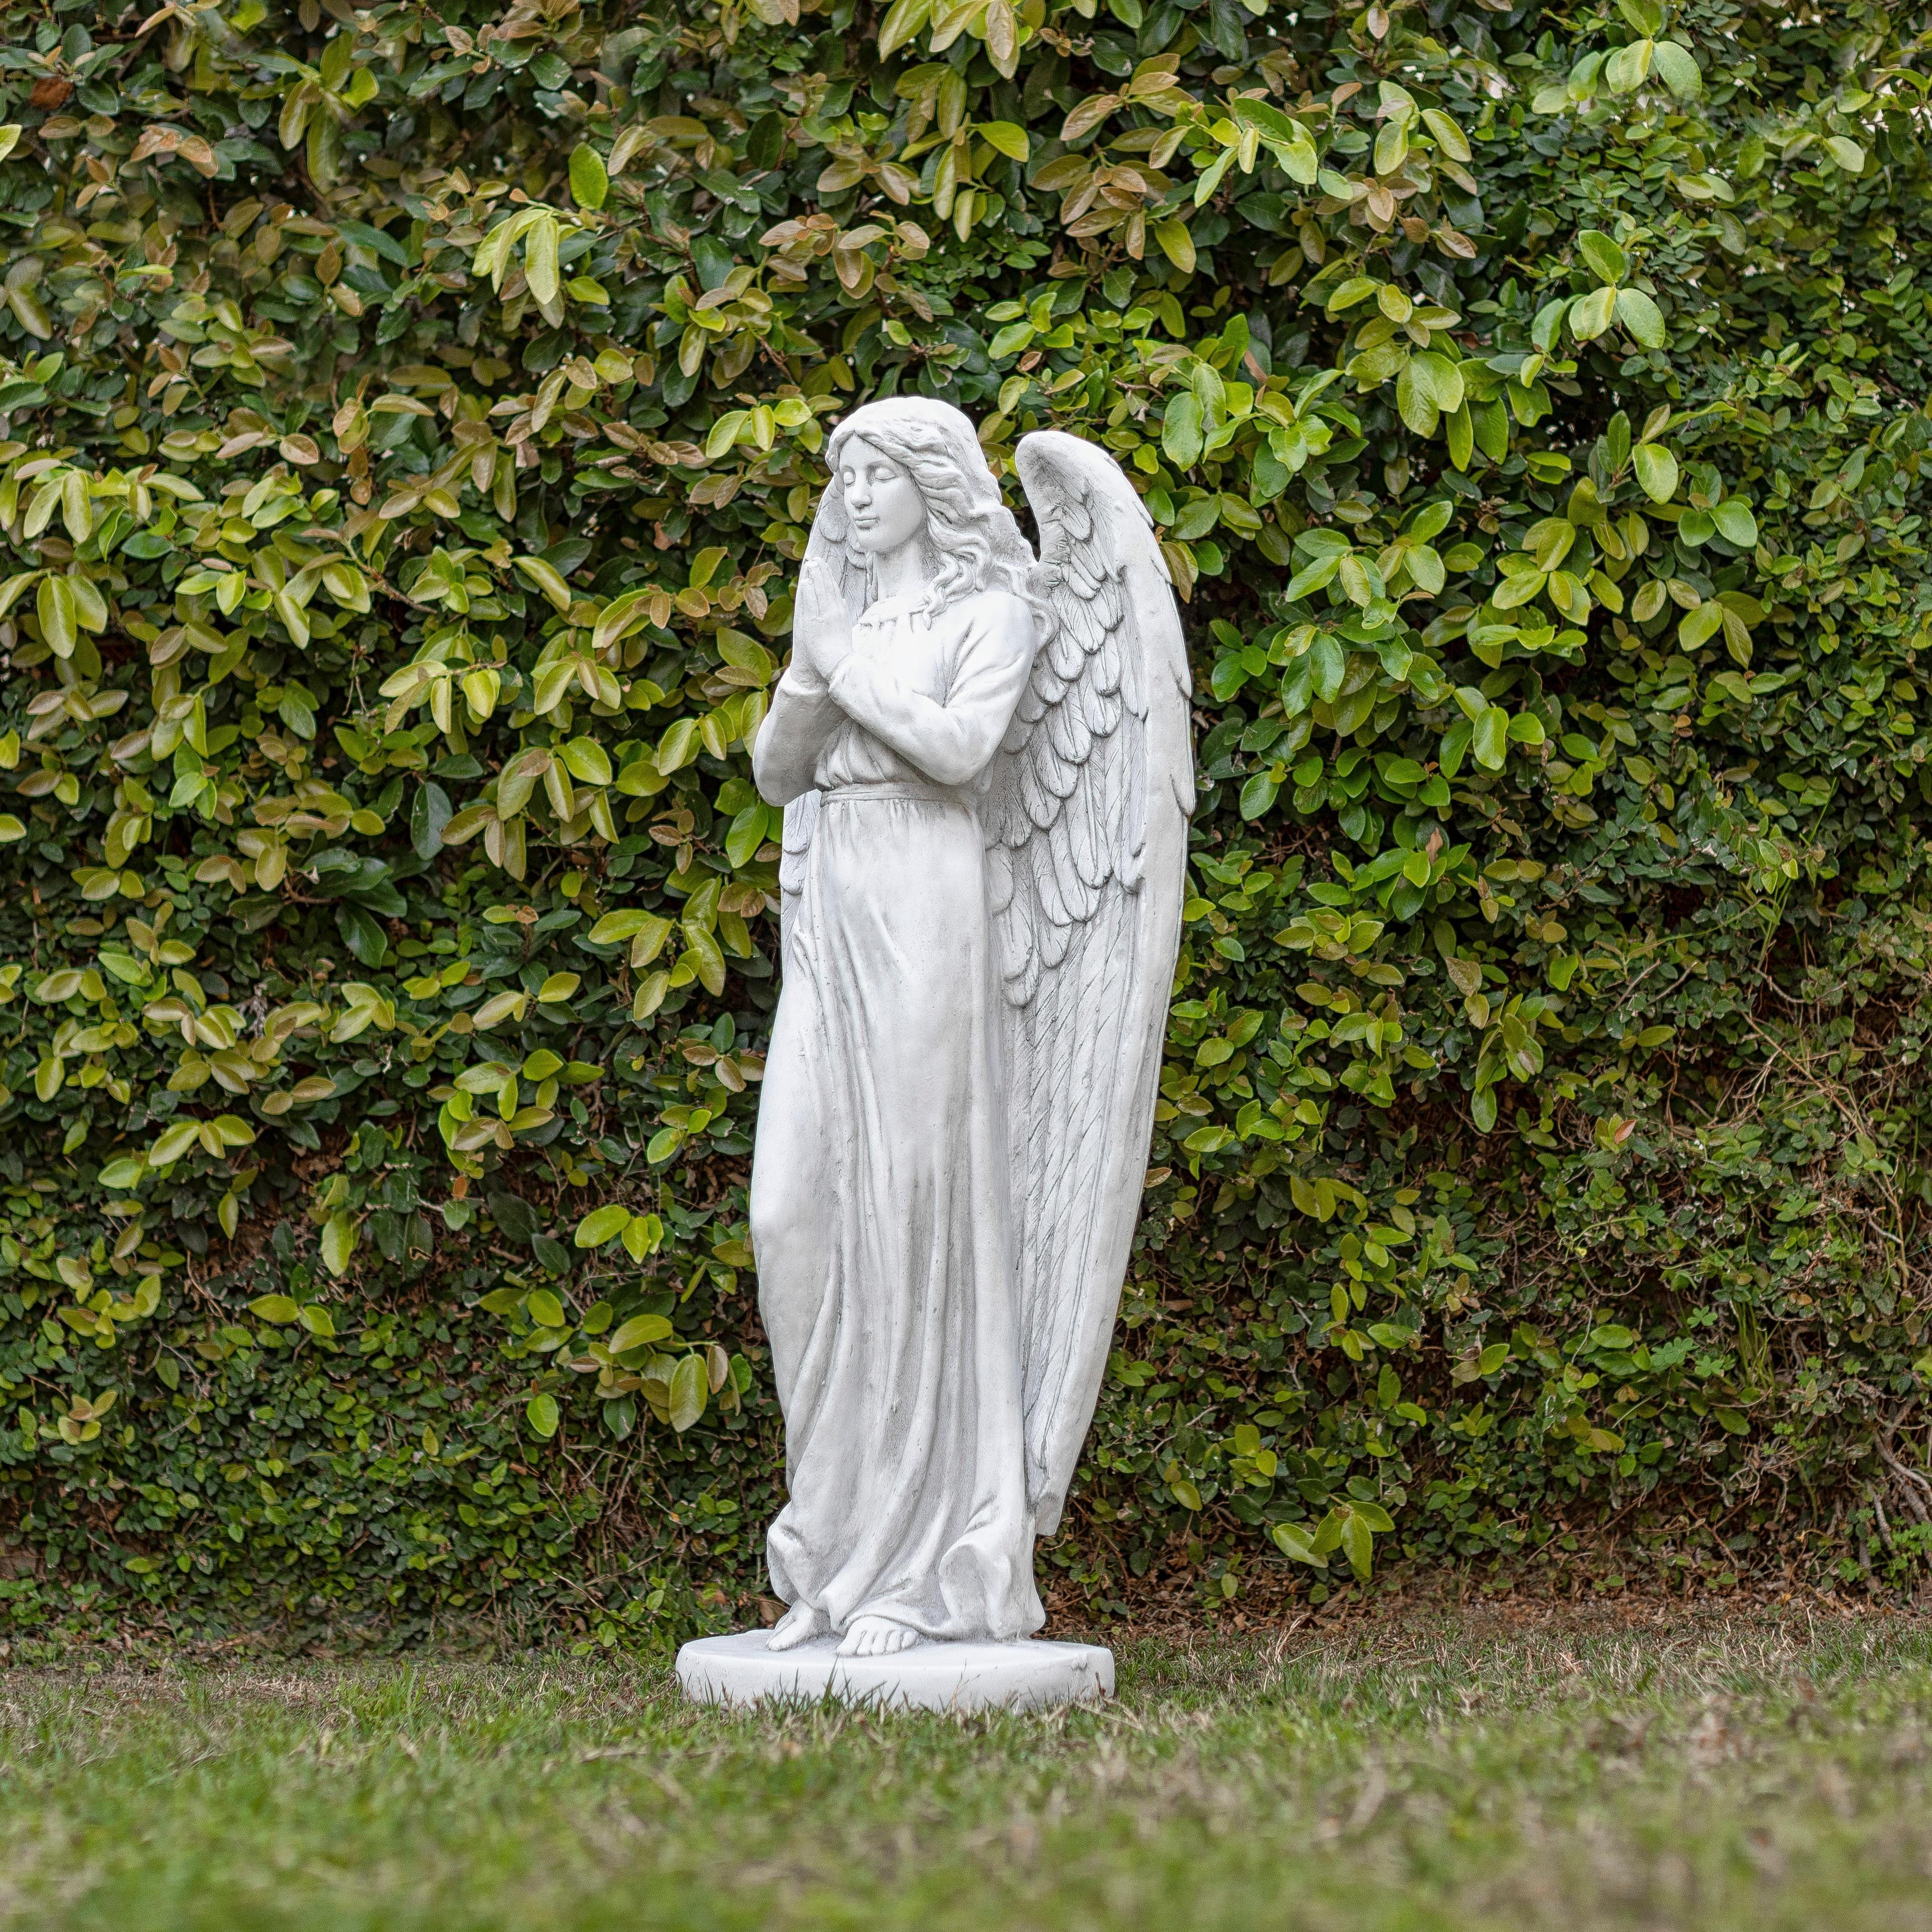 Antiqued Praying Metal Garden Angel Statue with Hooks Indoor Outdoor Art Decor